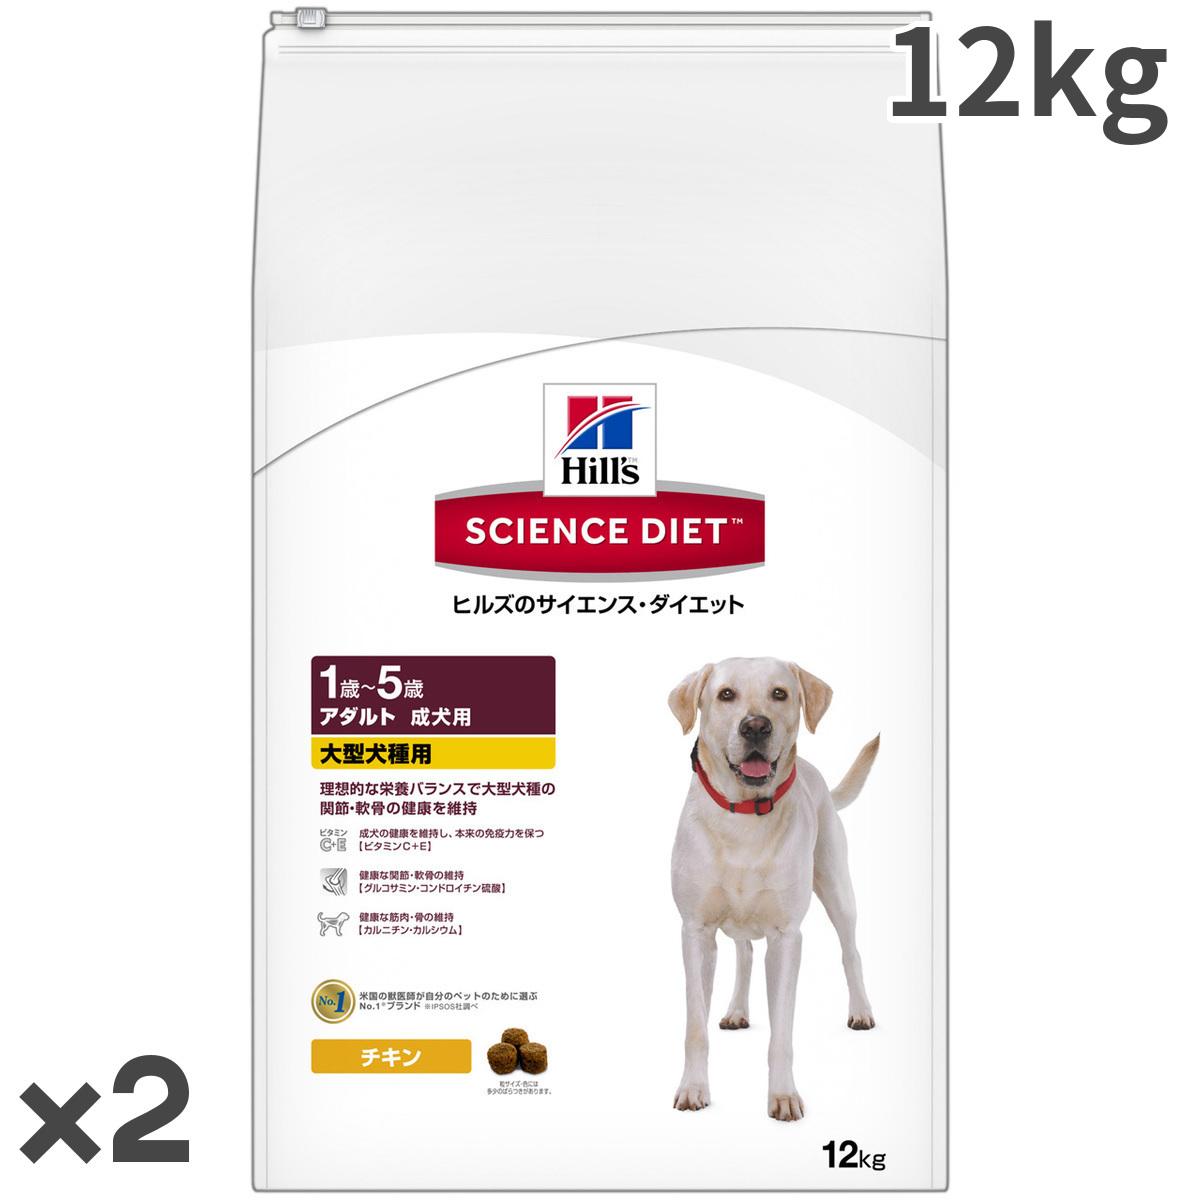 サイエンスダイエット(国内) サイエンスダイエット アダルト 大型犬種 成犬用 12kg×2入【送料無料】